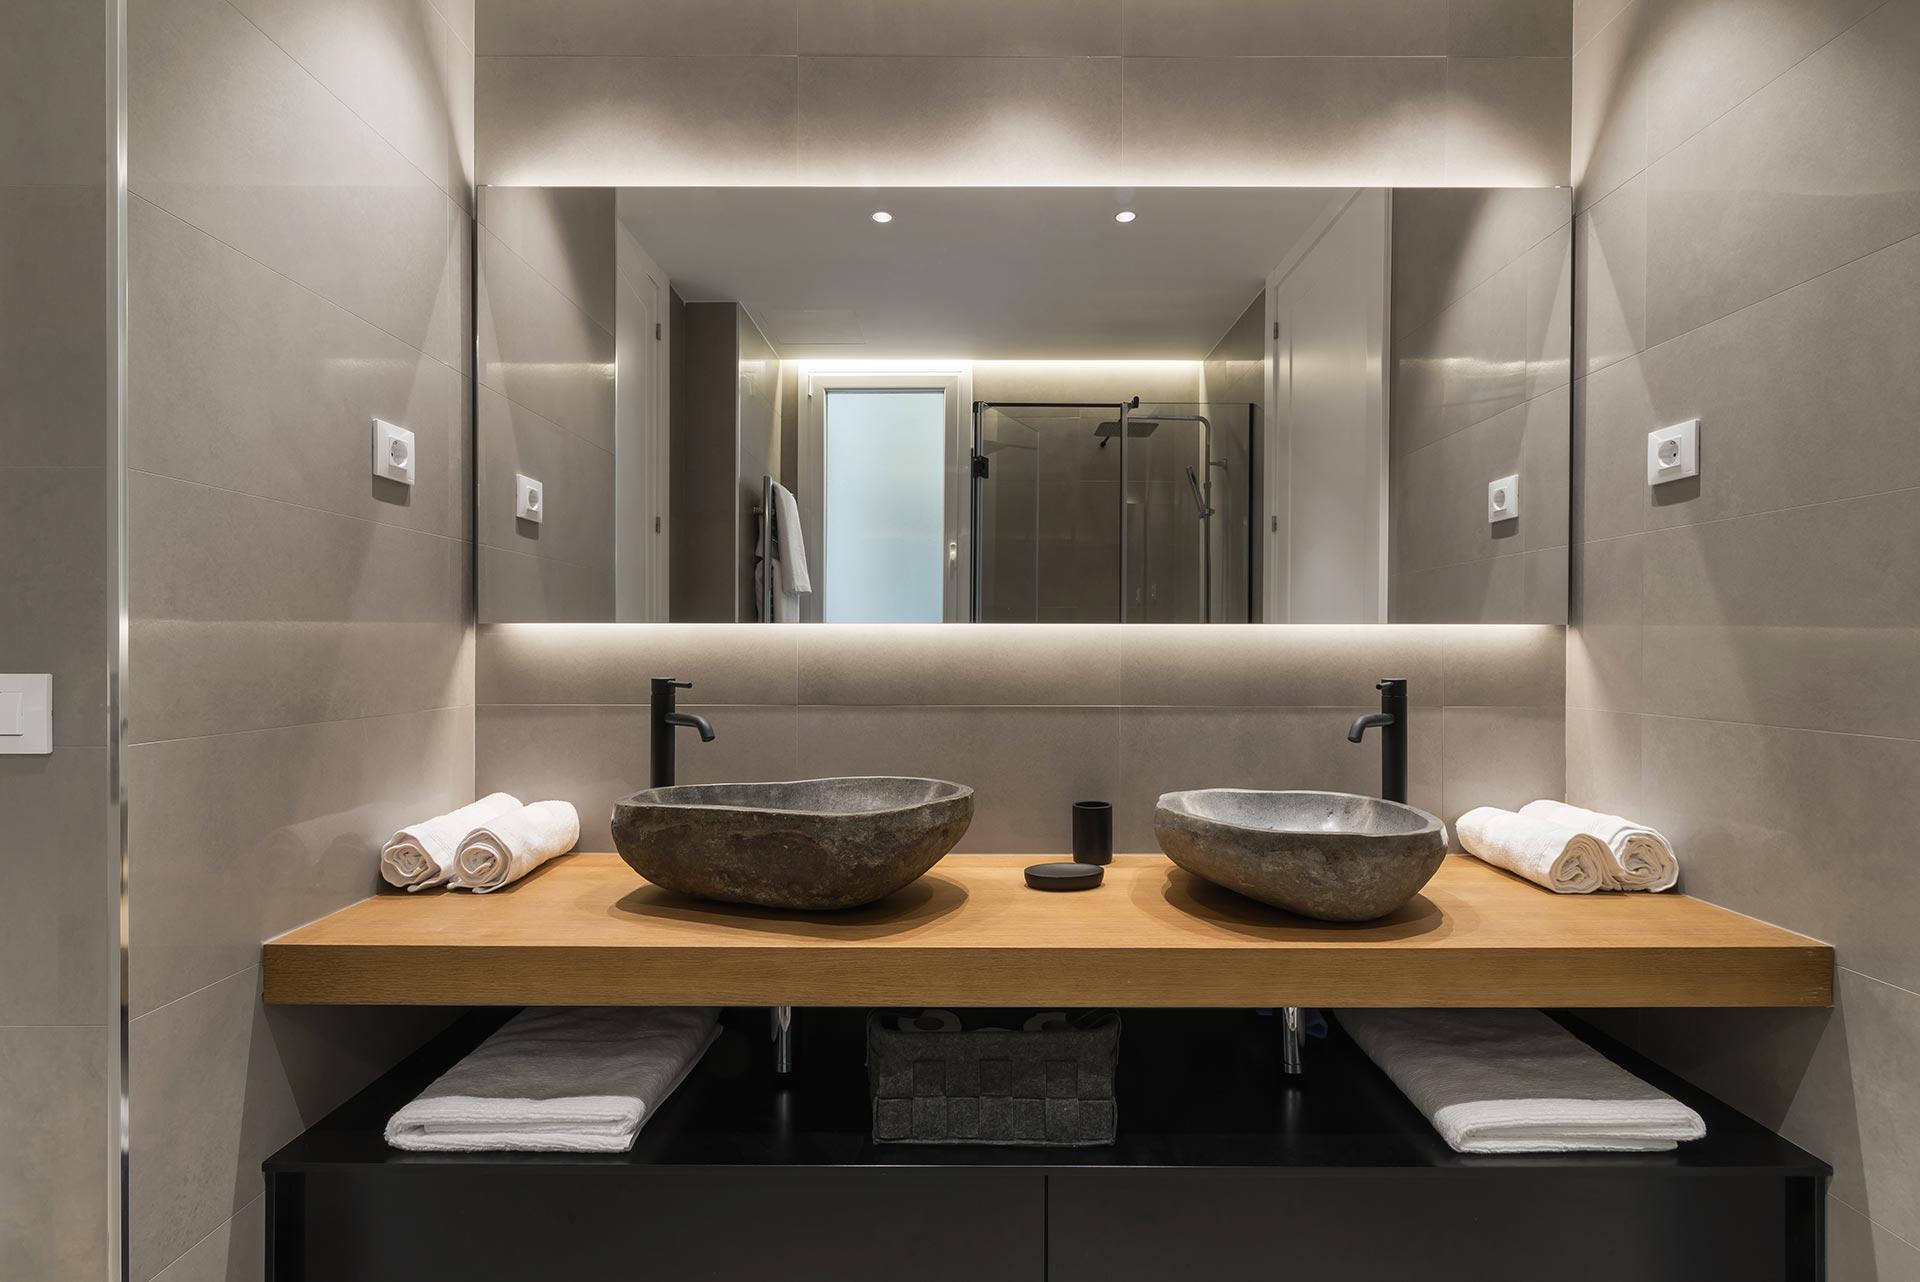 Baños Santos - Muebles Santos para el baño - Baños Modernos